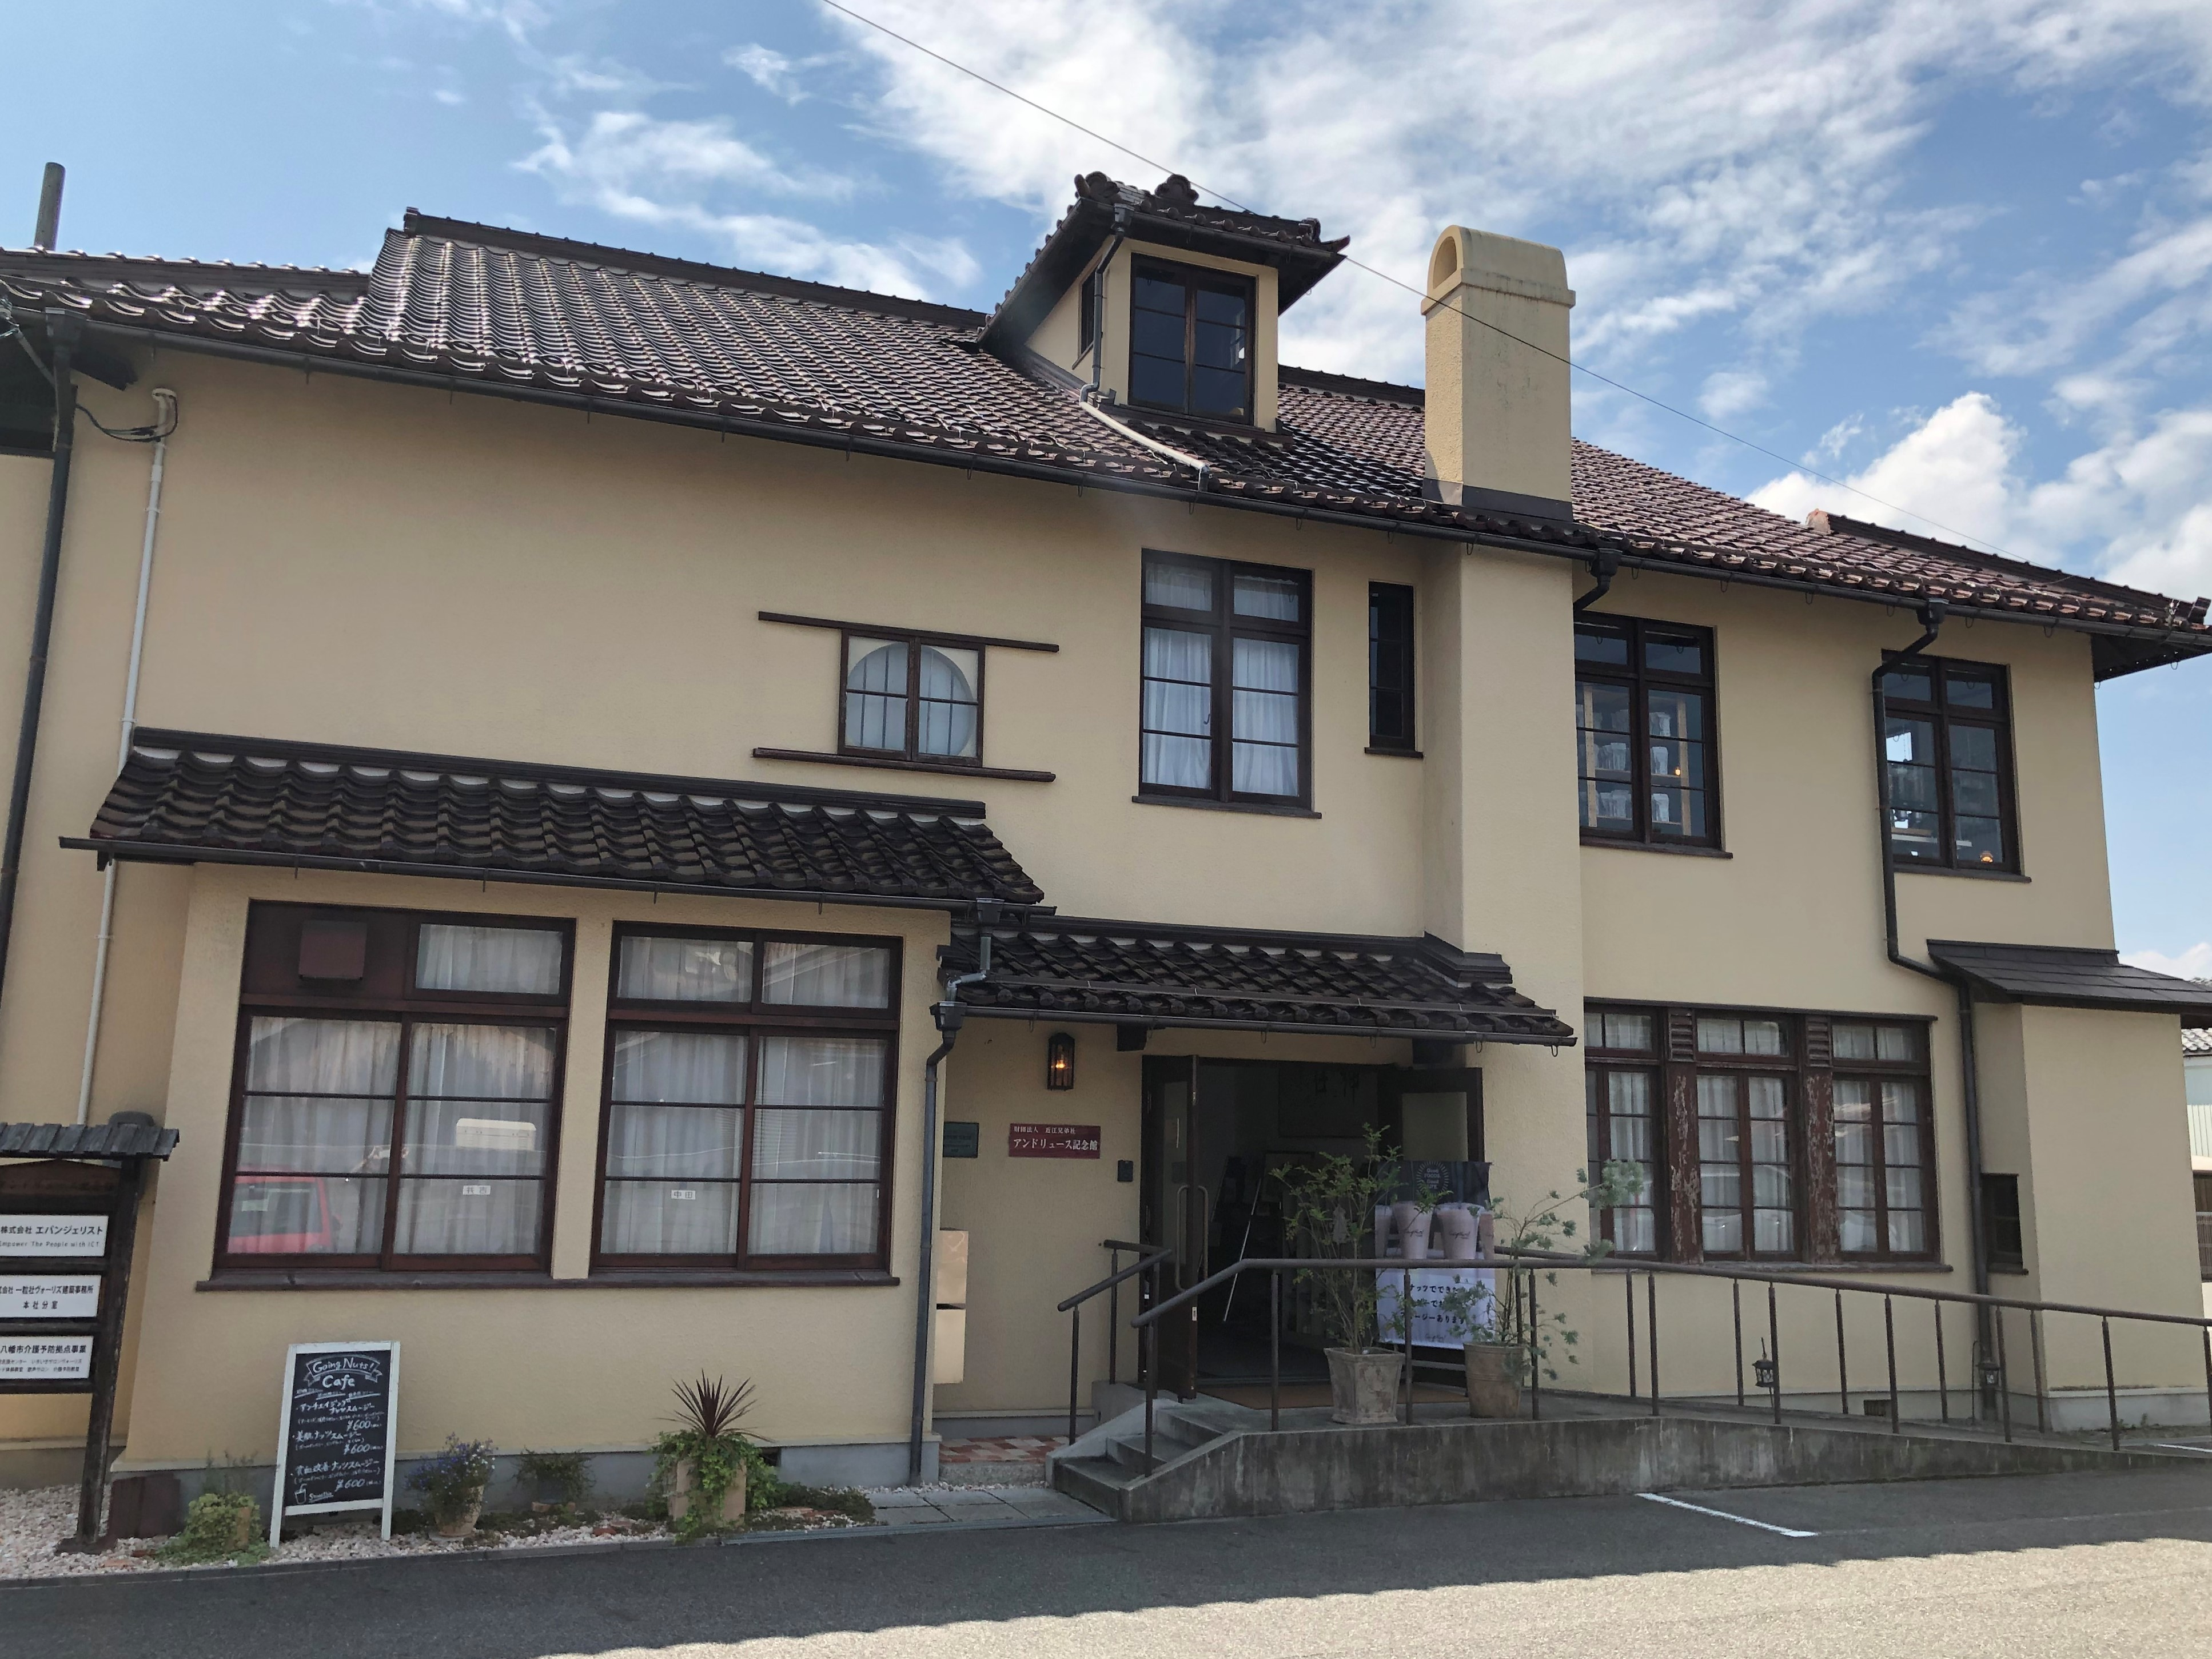 ハーレーとカワサキで行く近江八幡ツーリング ヴォーリズ建築 アンドリュース記念館